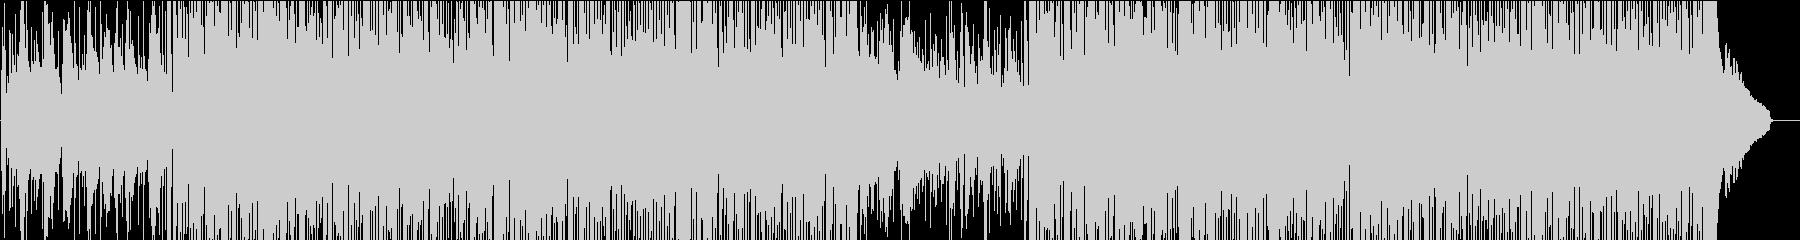 ゆったりフレーズが心地よいカントリー楽曲の未再生の波形